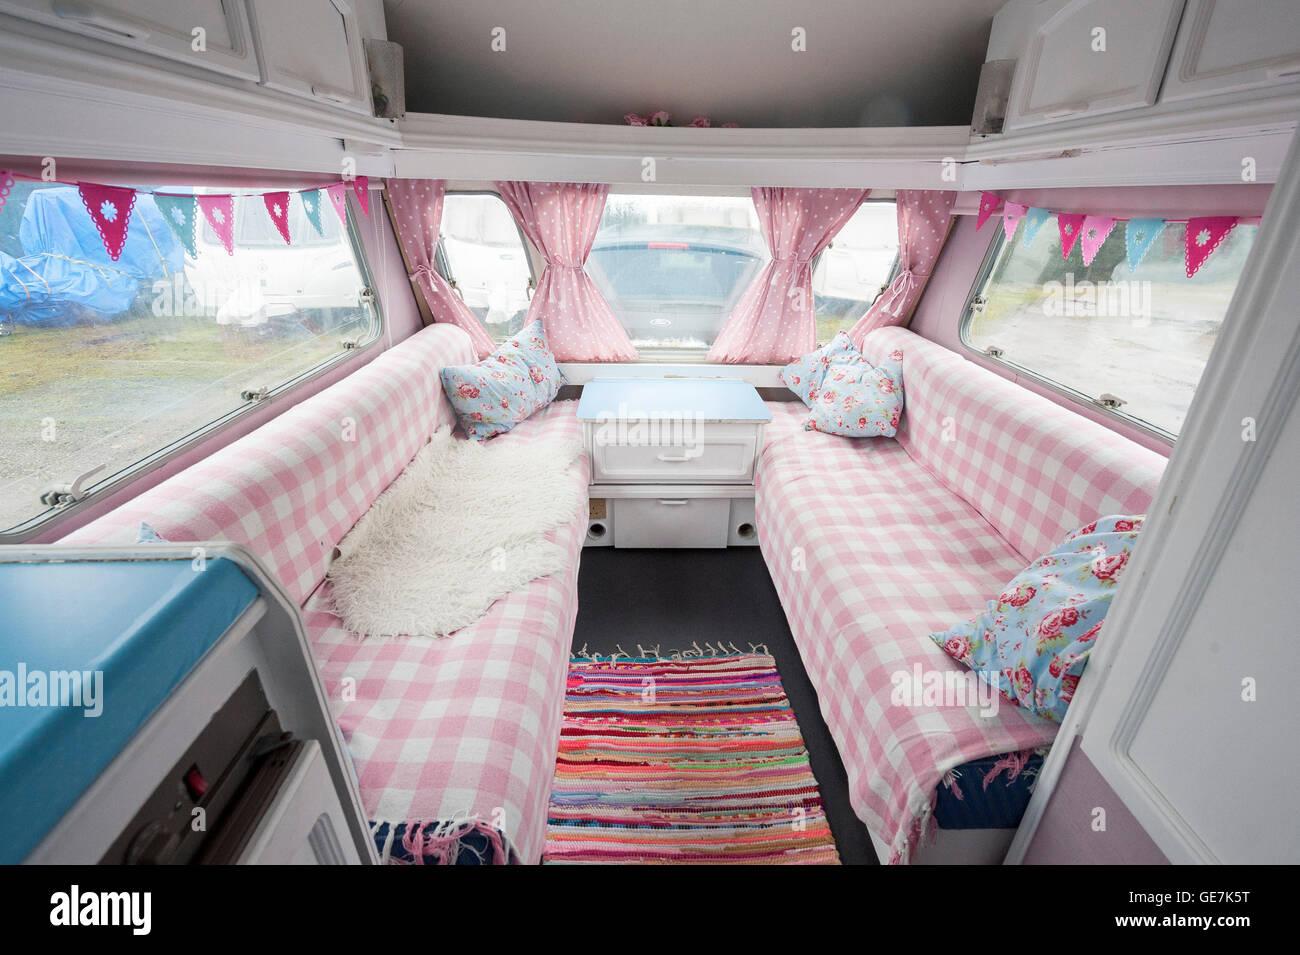 shabby chic vieille caravane rnov avec un design intrieur cath kidston propritaire caravane renforcs pour une nouvelle gnration